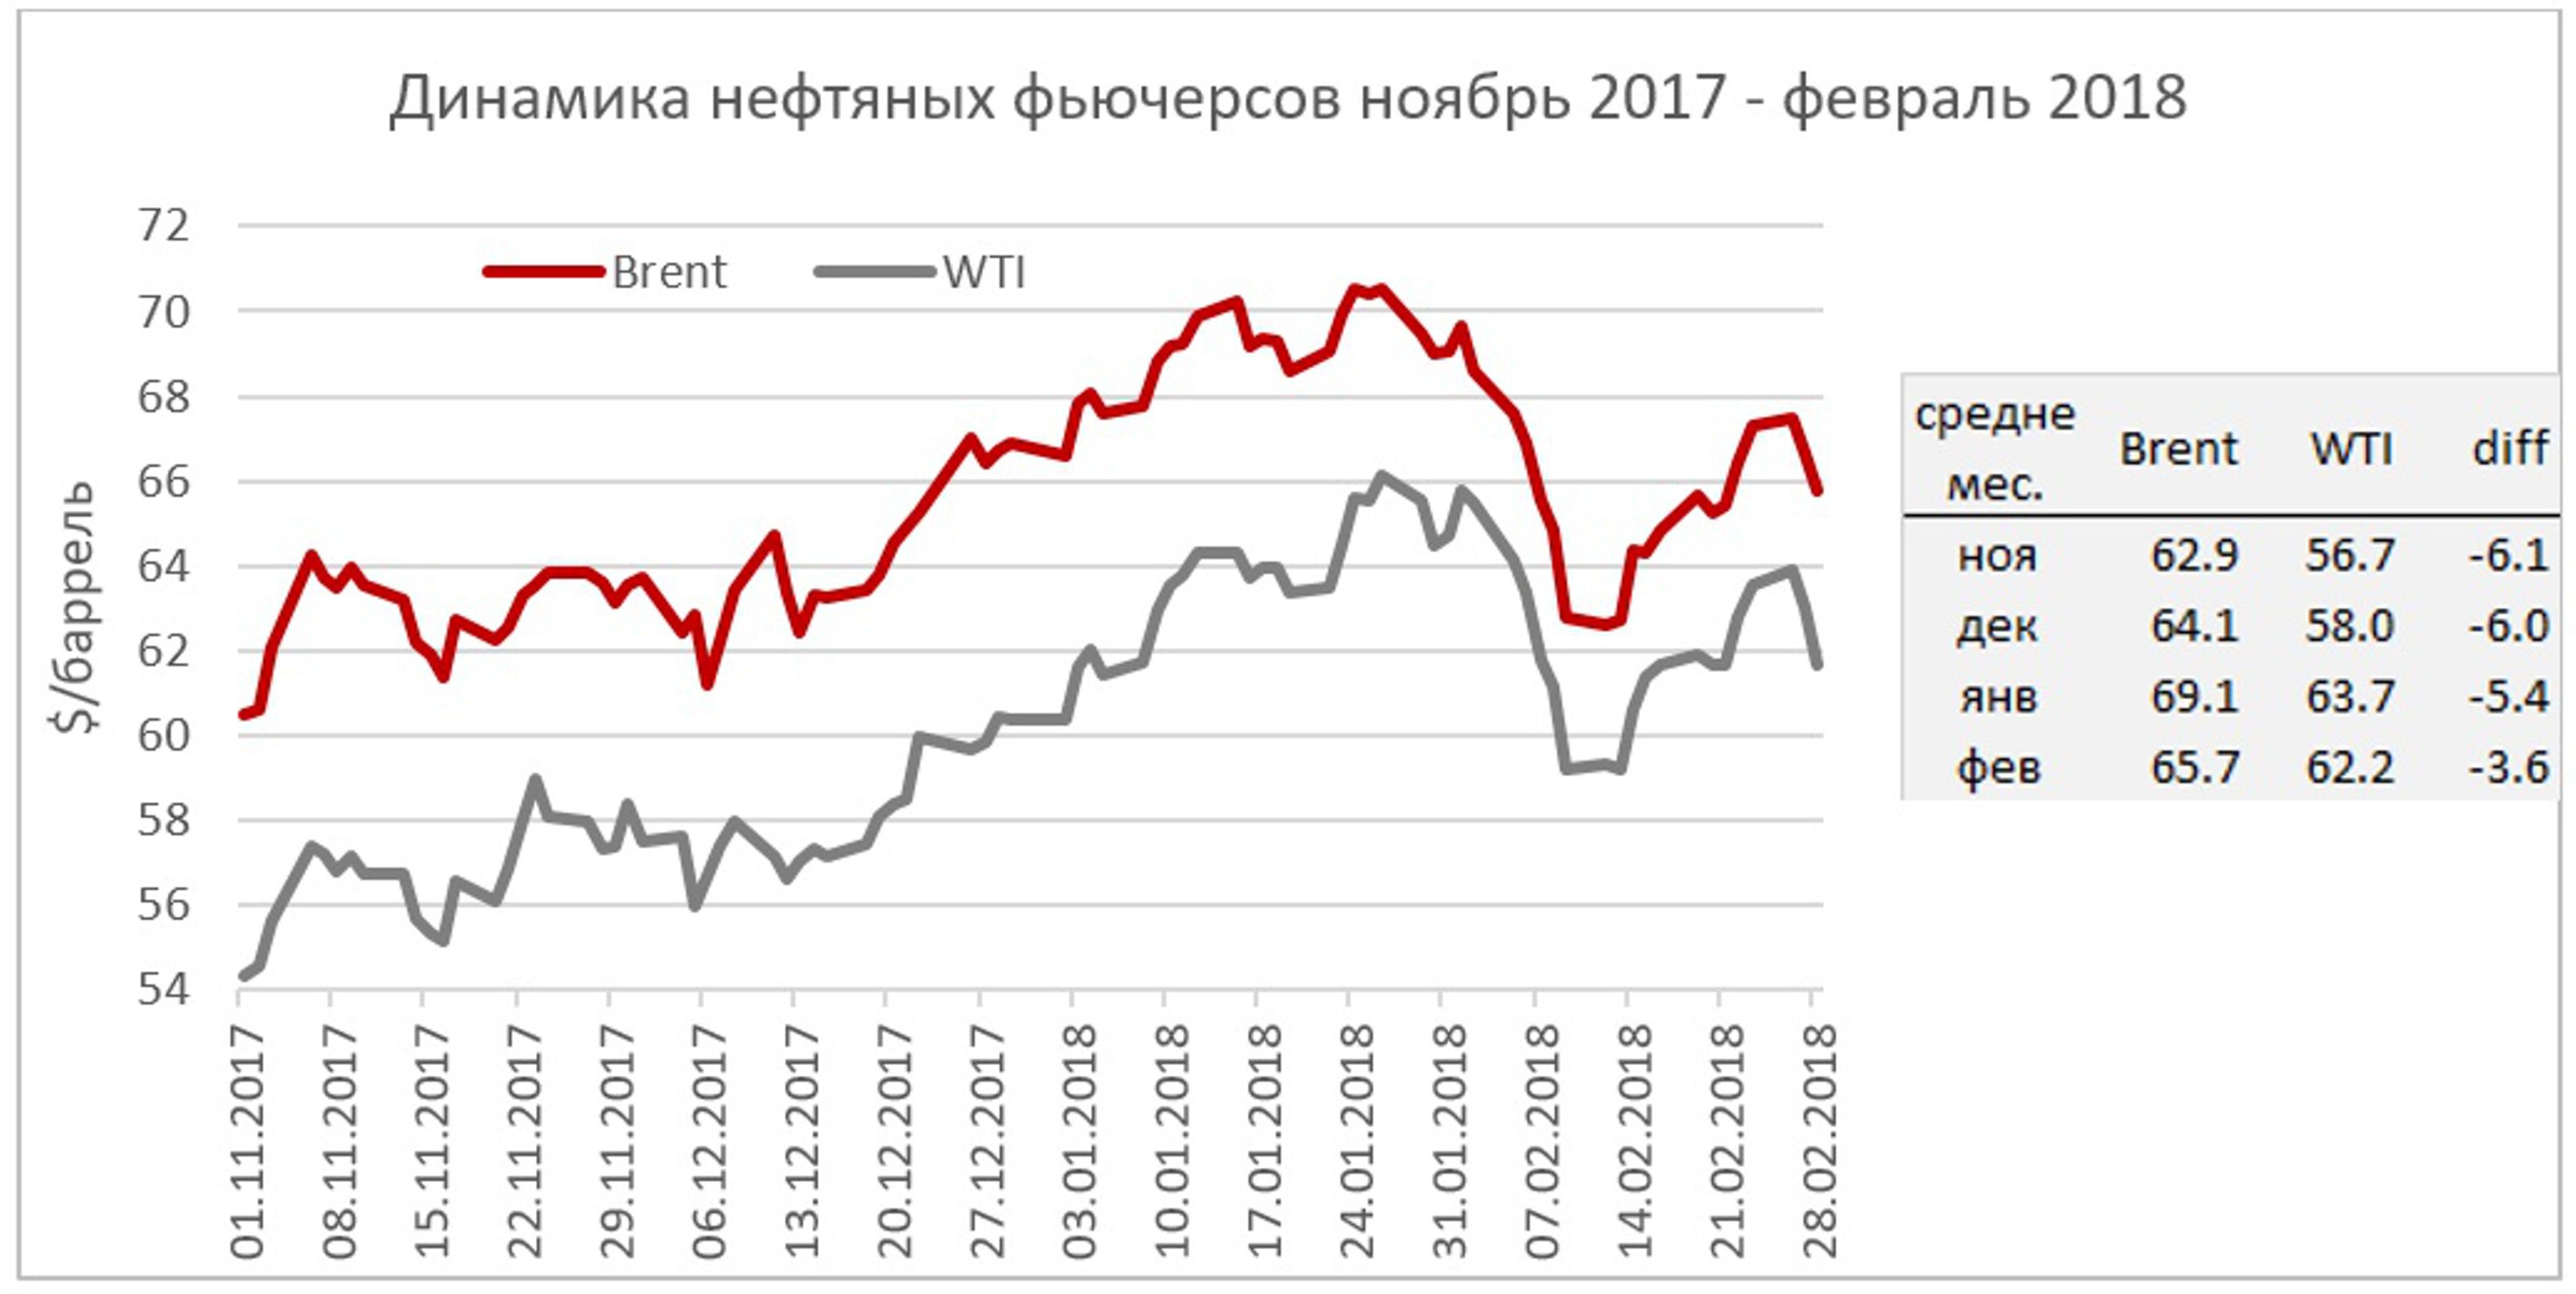 Нефтяной рынок надеется на стабилизацию в марте